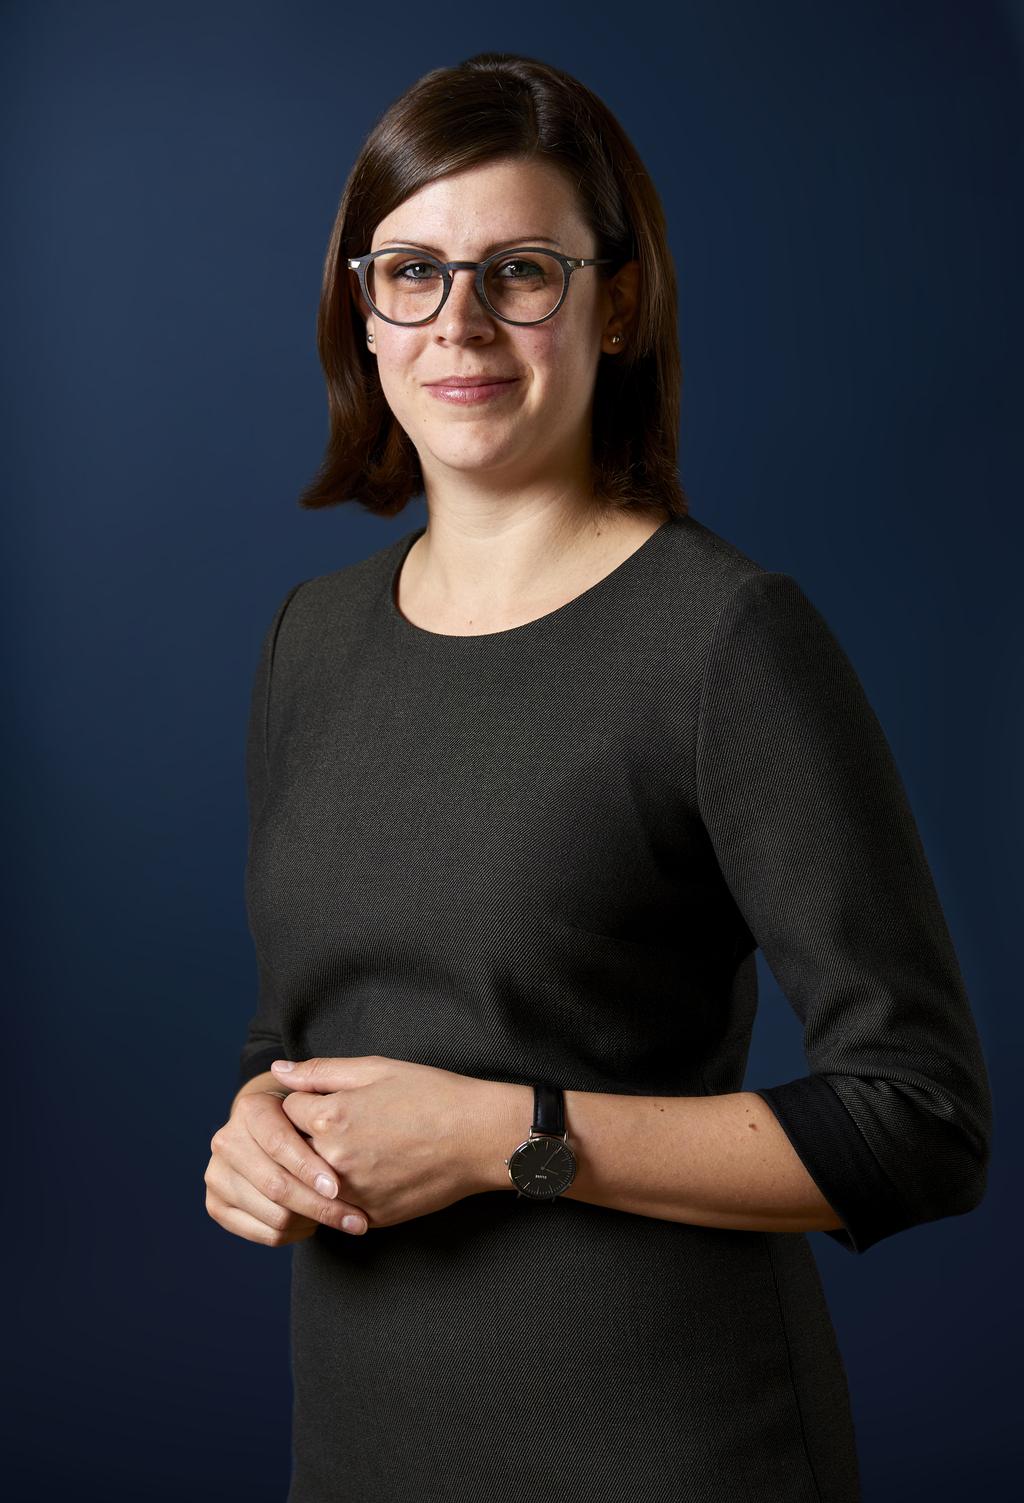 Sandra Bein